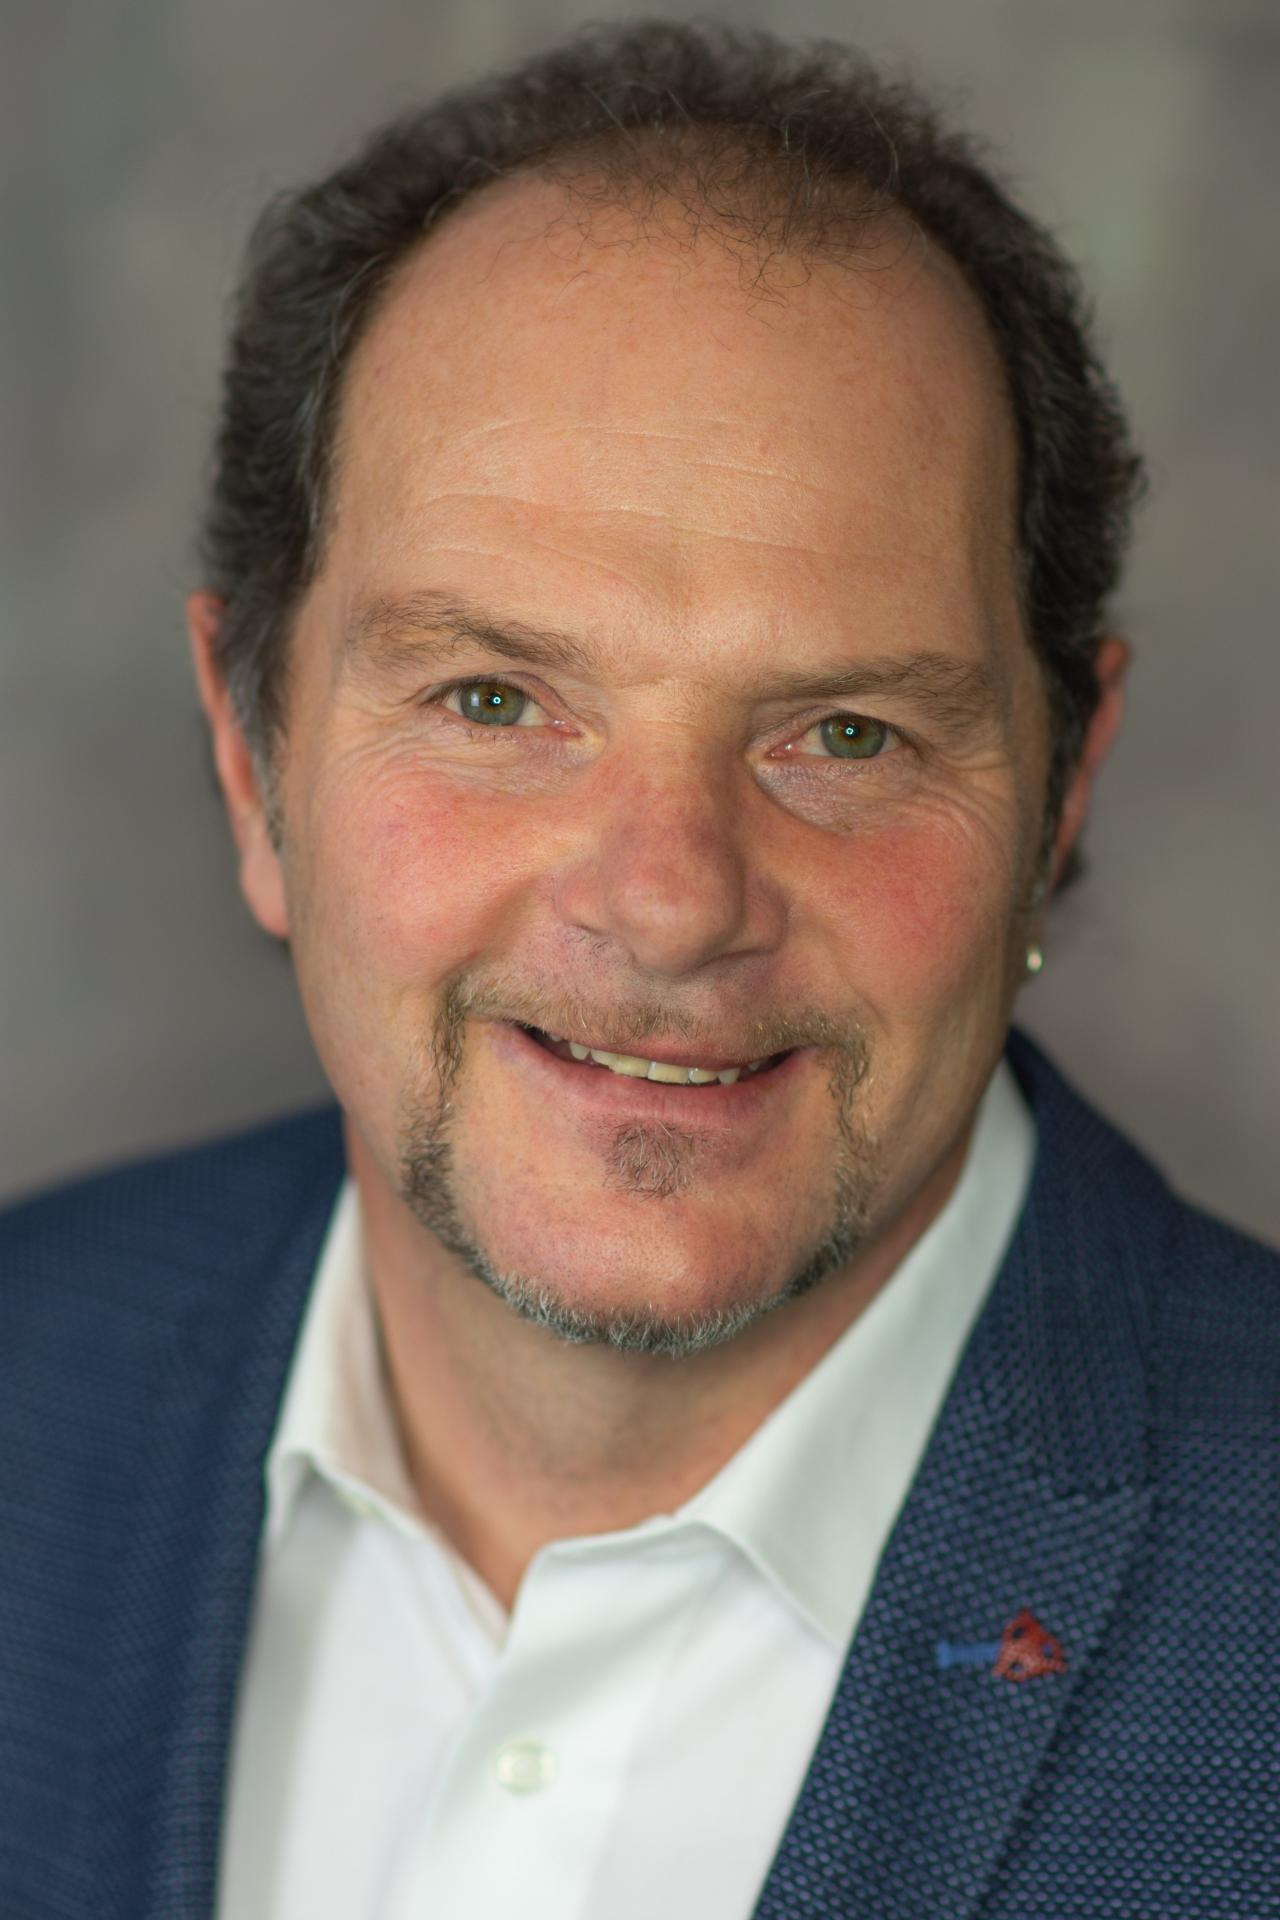 Bürgermeister A. Obermaier